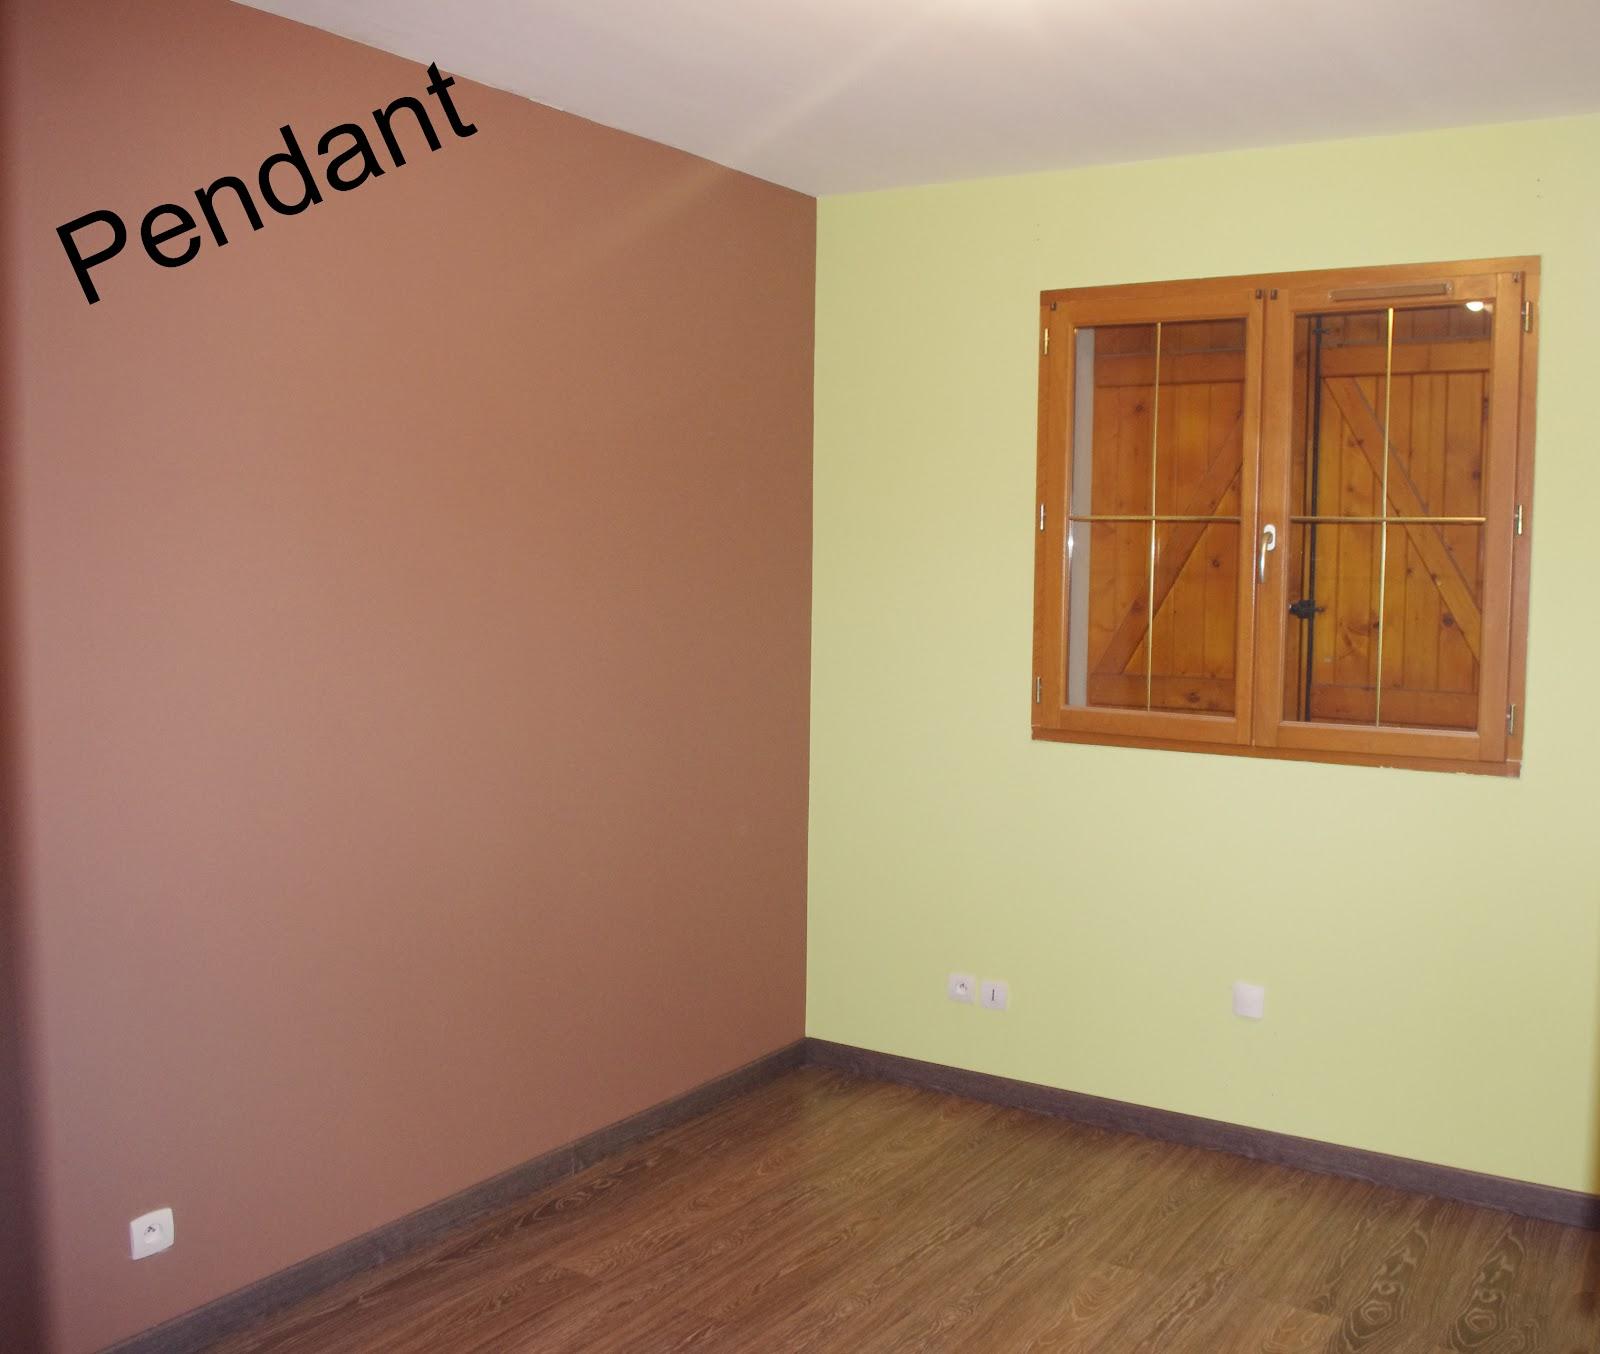 Prix peinture chambre 10m2 – Resine de protection pour peinture